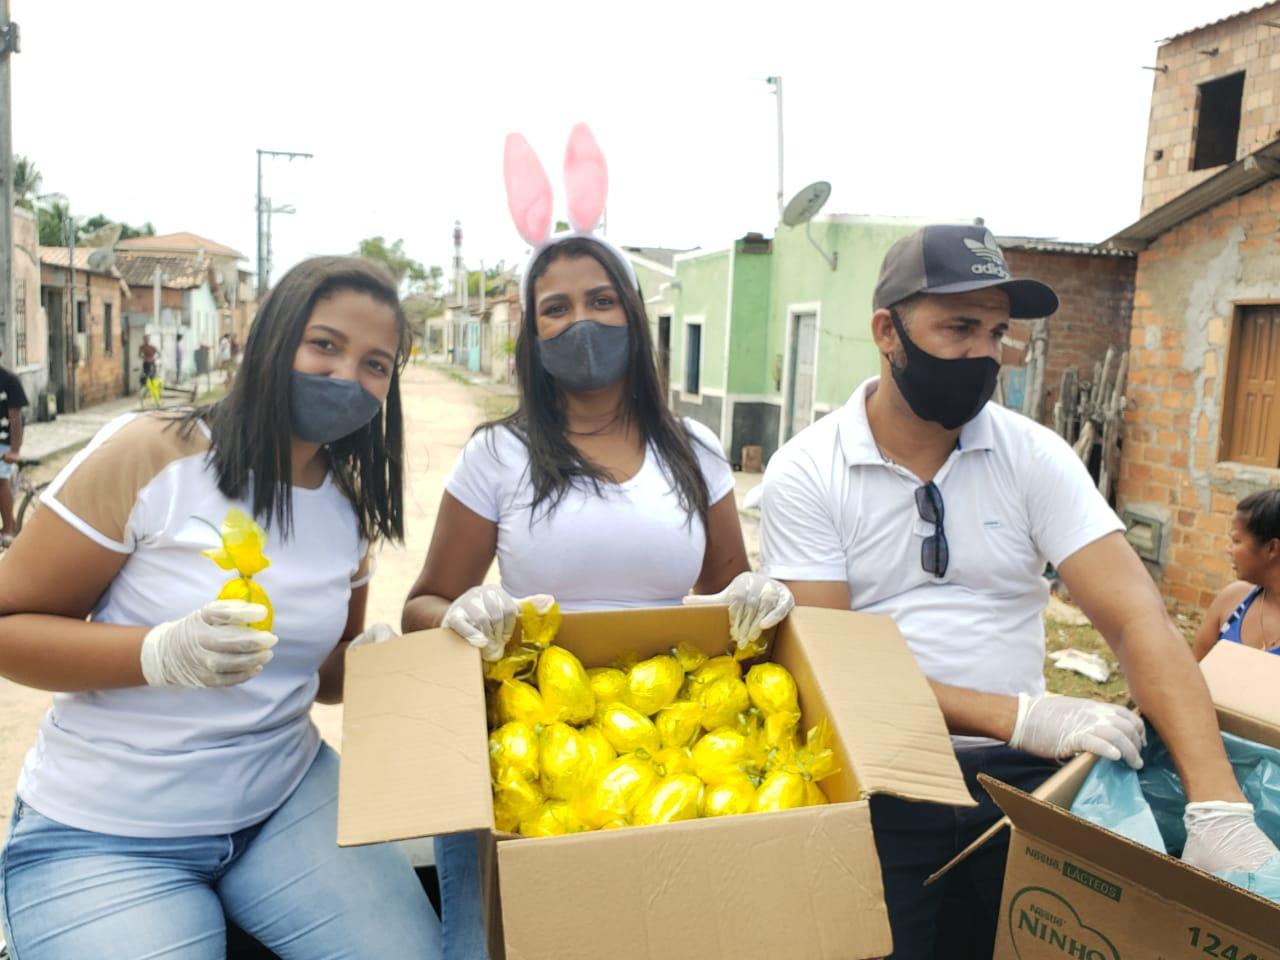 Cabelereiro distribui 1.000 ovos de páscoa para crianças carentes de Belmonte. 25